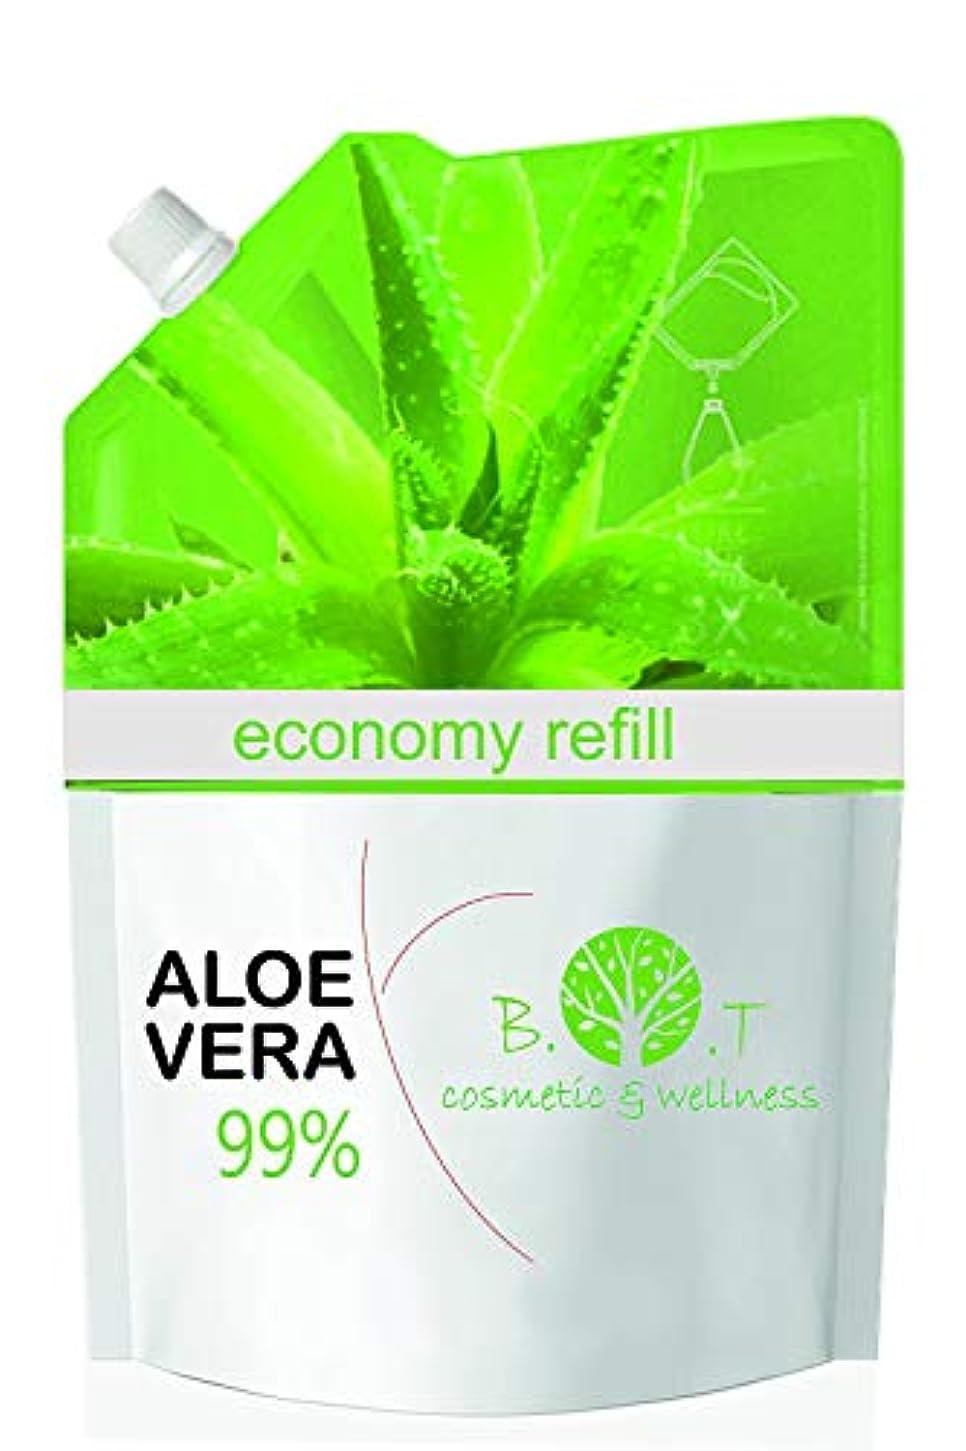 注釈異形太い経済的な詰め替えアロエベラジェルカナリアからの純粋な新鮮なアロエジュース99%100%天然100%